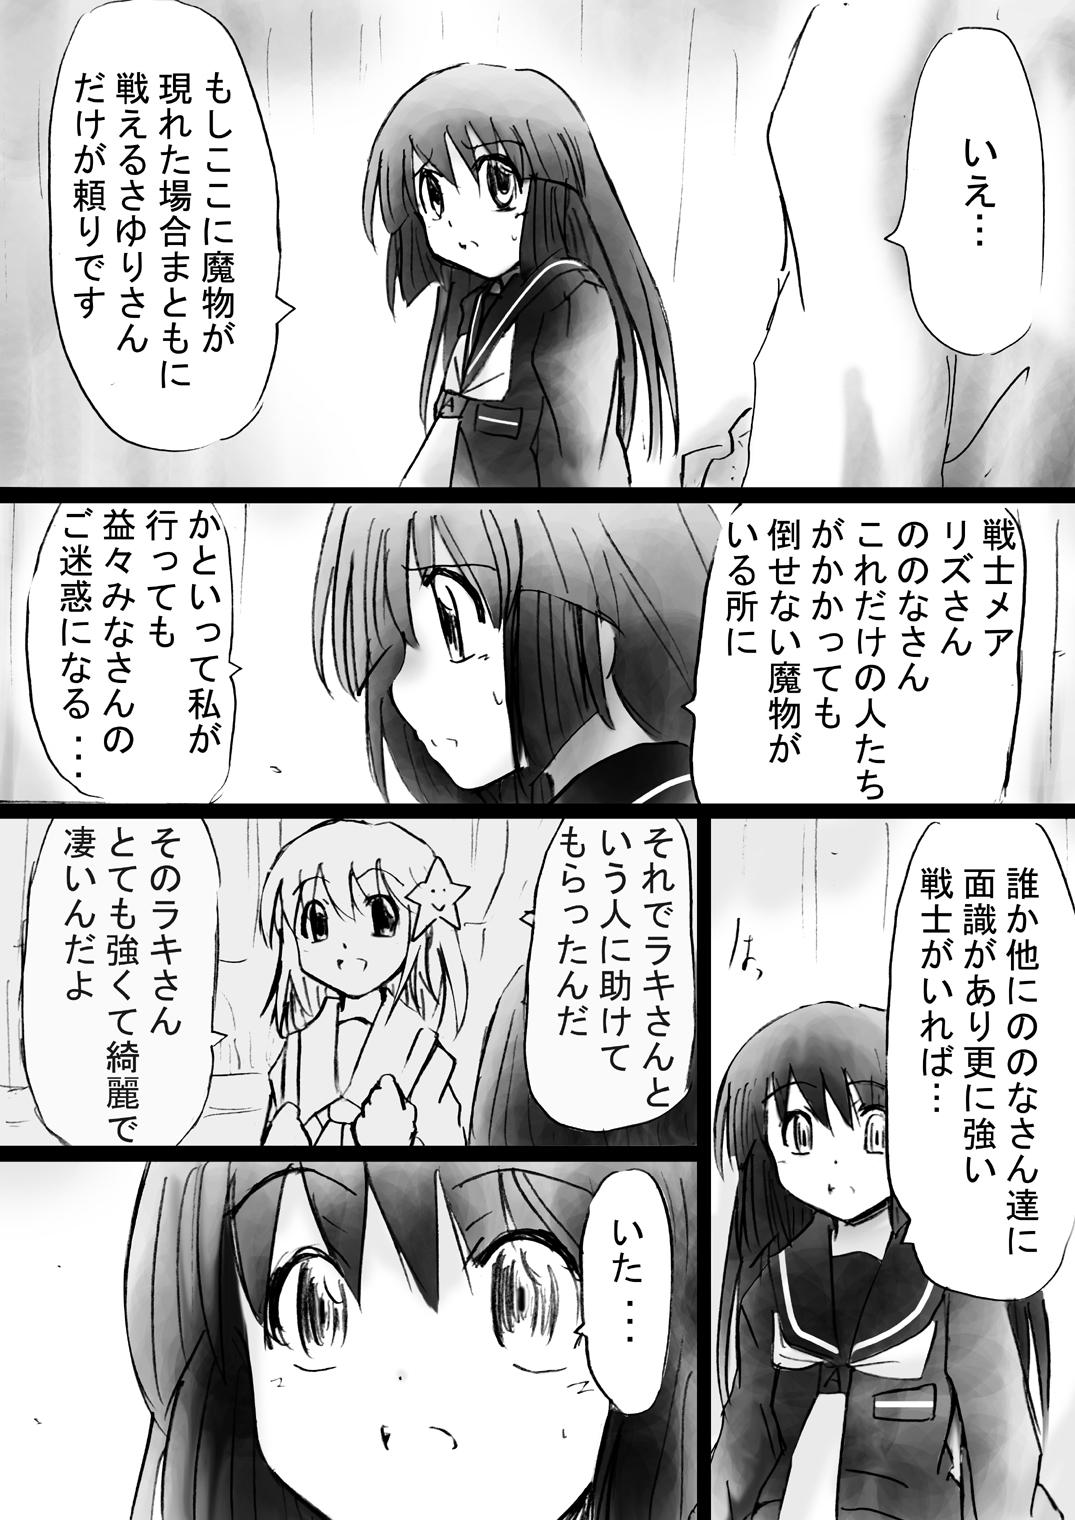 [Dende] Fushigi Sekai -Mystery World- no Nona 17 ~ Taiketsu Fujimi no Dai Inma Dakurasu, Kanzen Sekka no Kyoufu 146